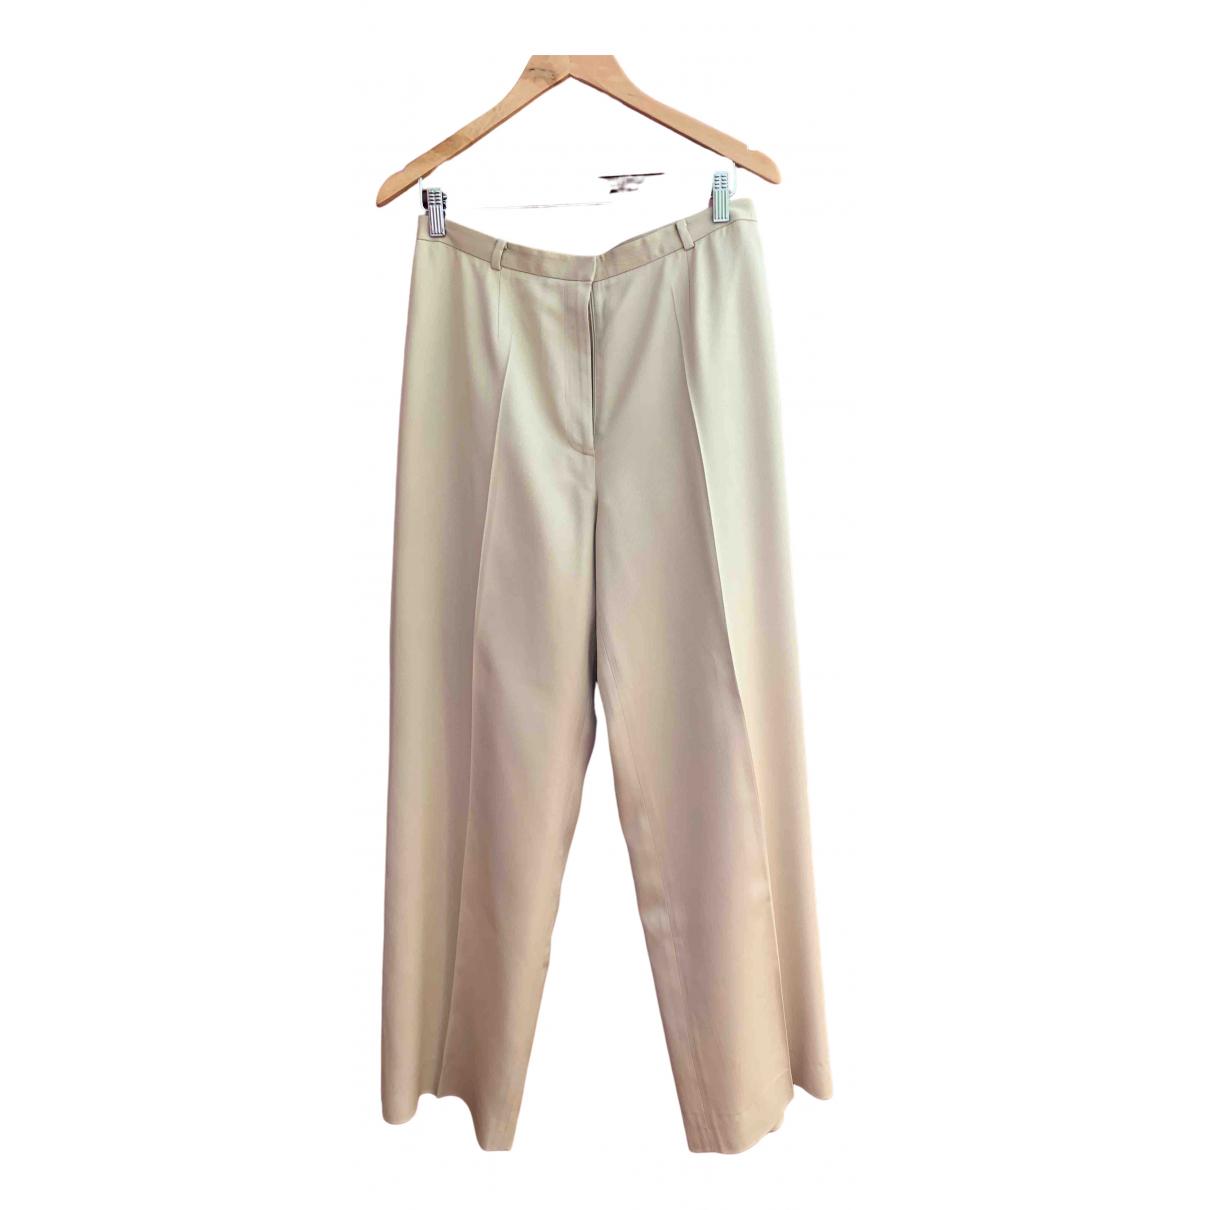 Pantalon de traje de Lona Ann Taylor